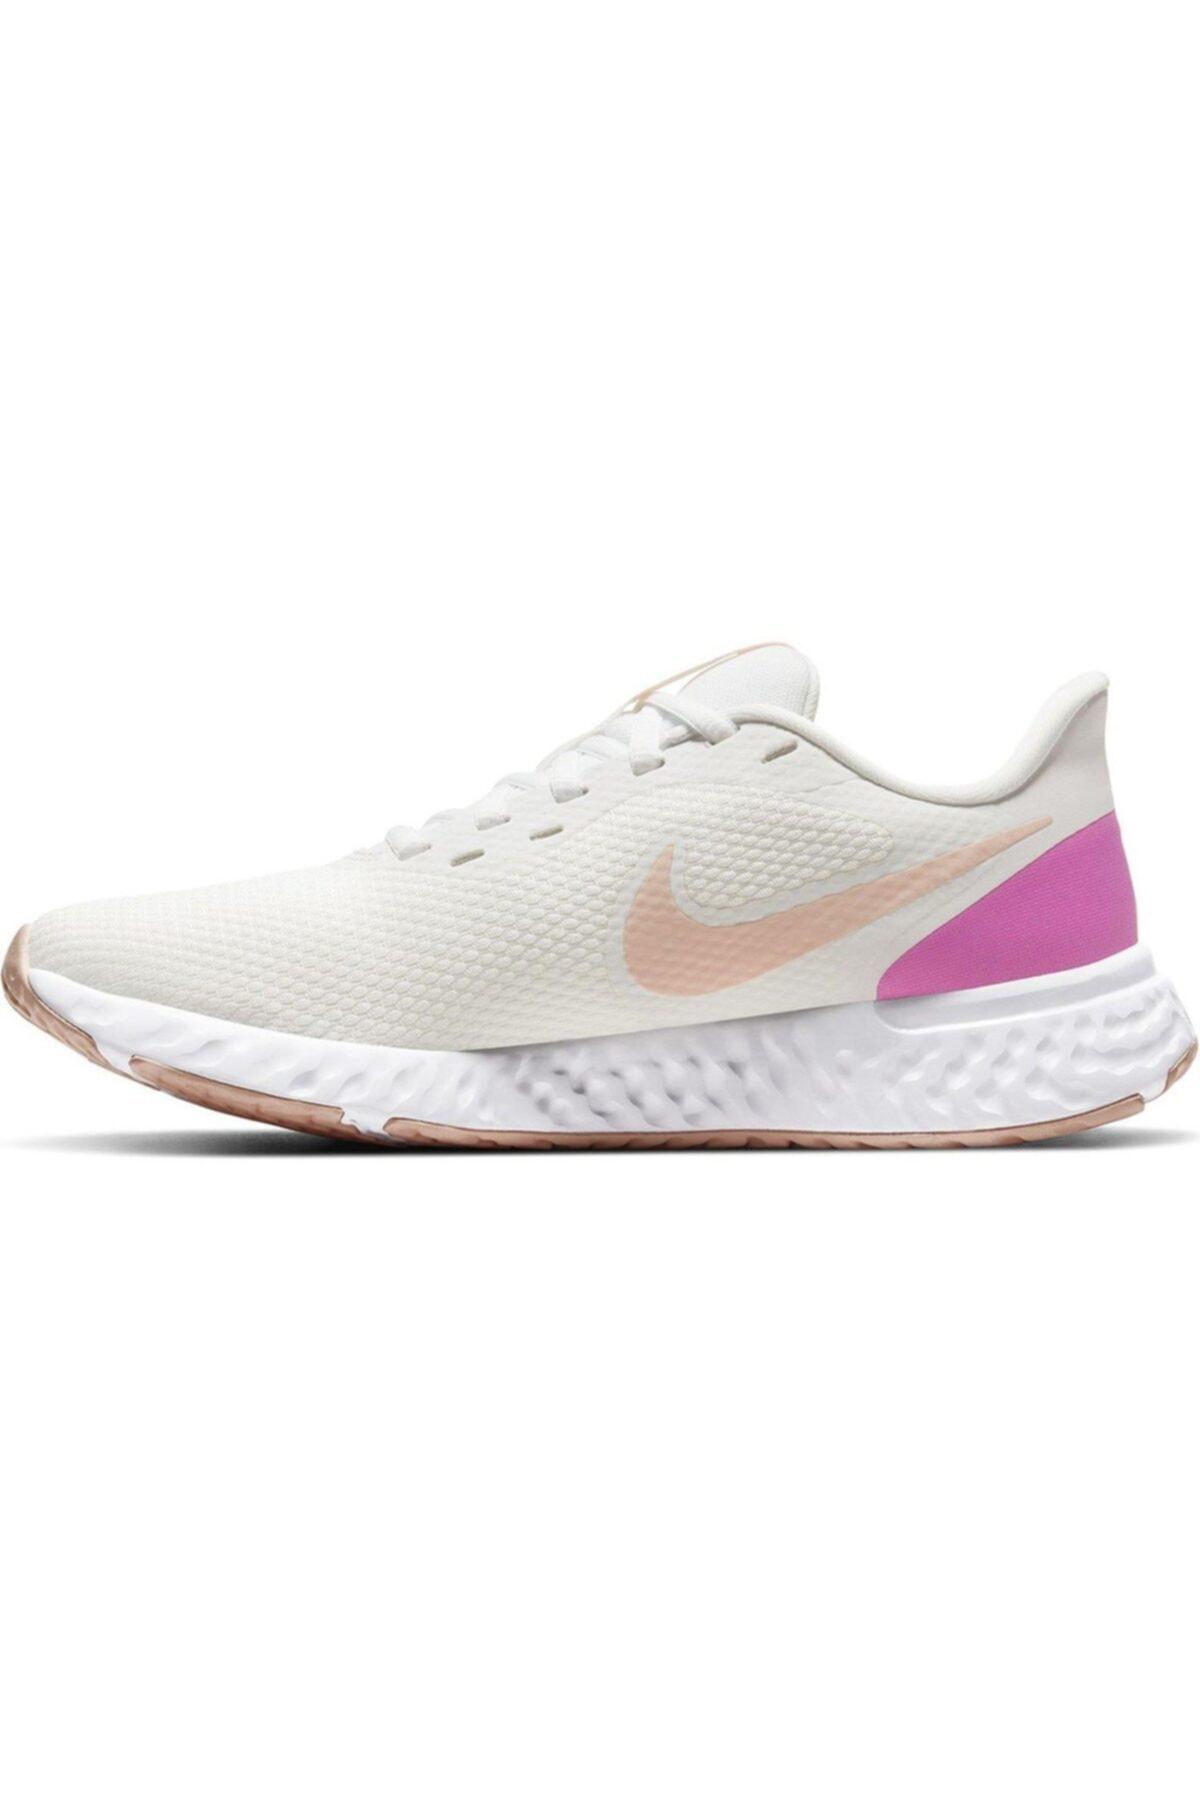 Nike Revolution 5 Kadın Beyaz Koşu Ayakkabısı Bq3207-103 2